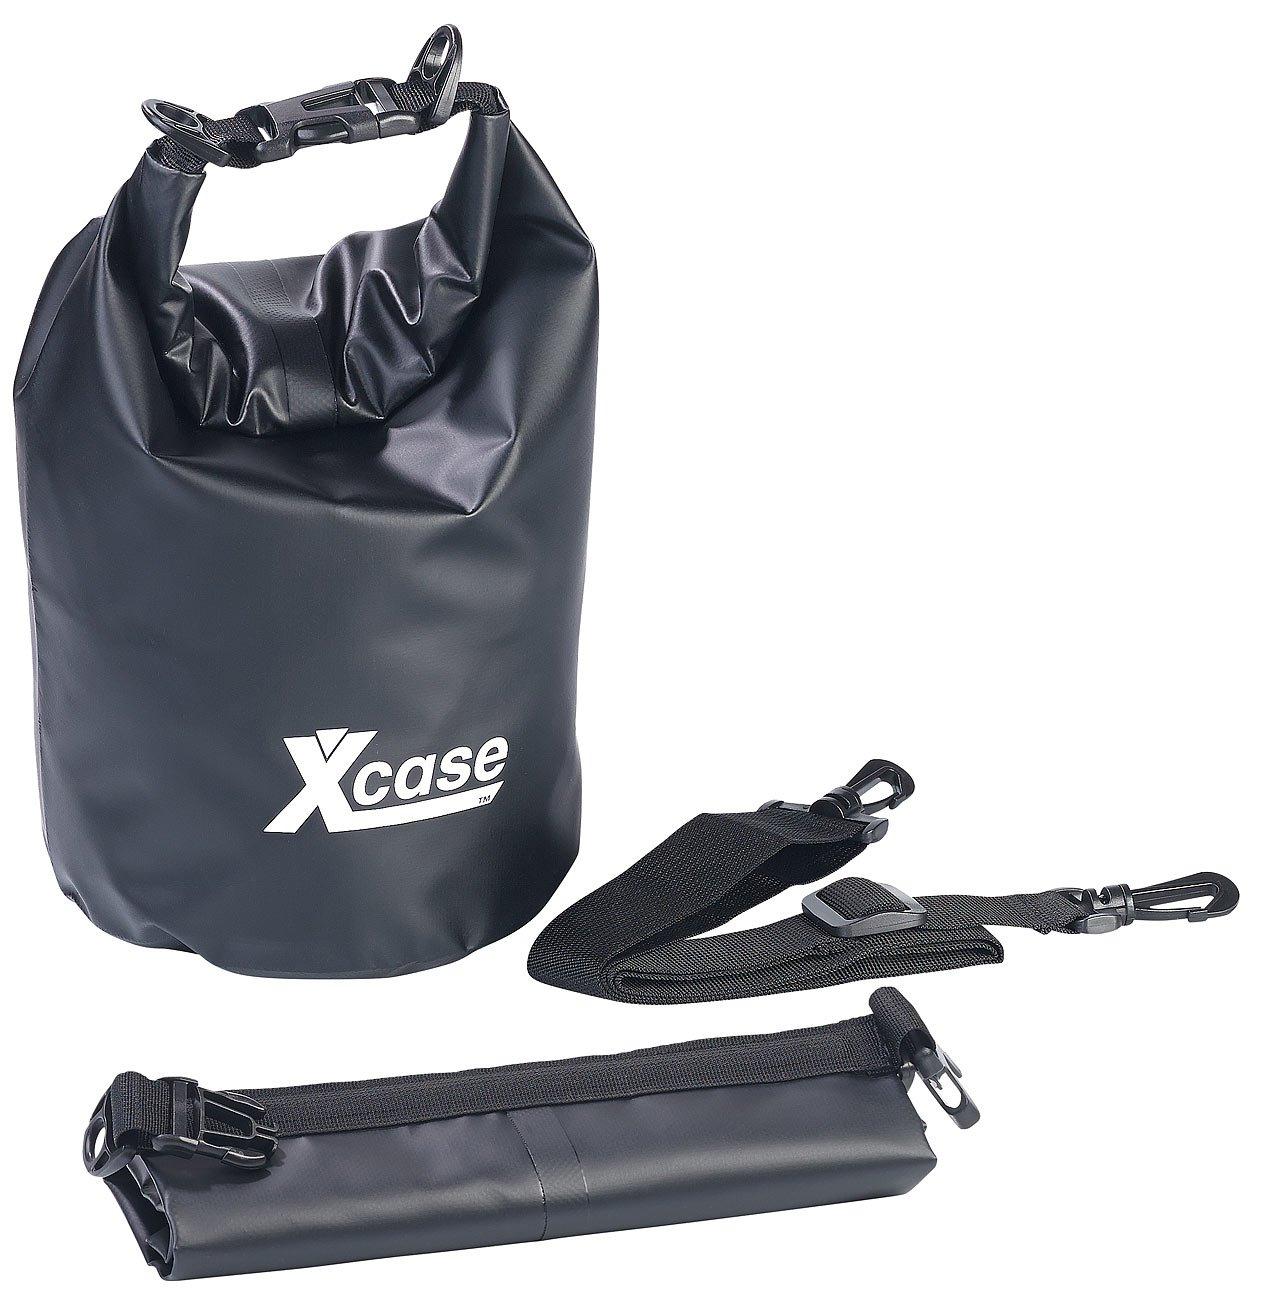 XCase Sac de étanches: étanche Pack de strapazierfähige Industrie de bâche, 5l, noir (Sac de marin)